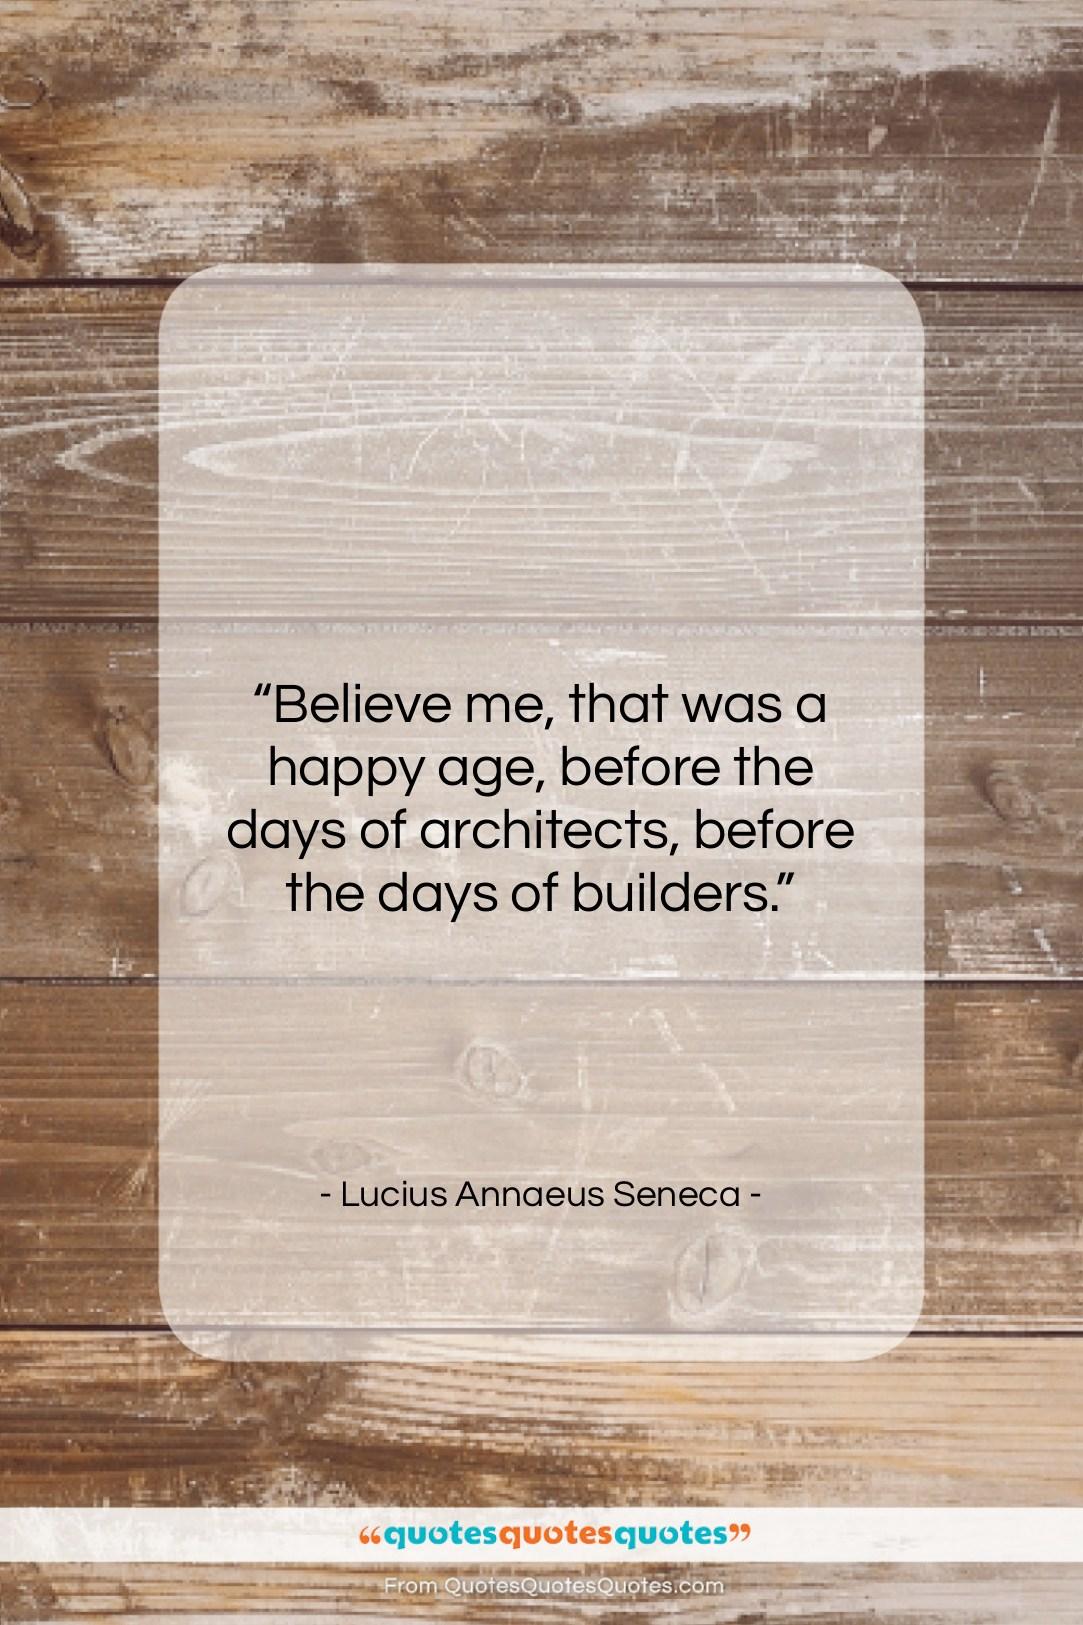 """Lucius Annaeus Seneca quote: """"Believe me, that was a happy age,…""""- at QuotesQuotesQuotes.com"""